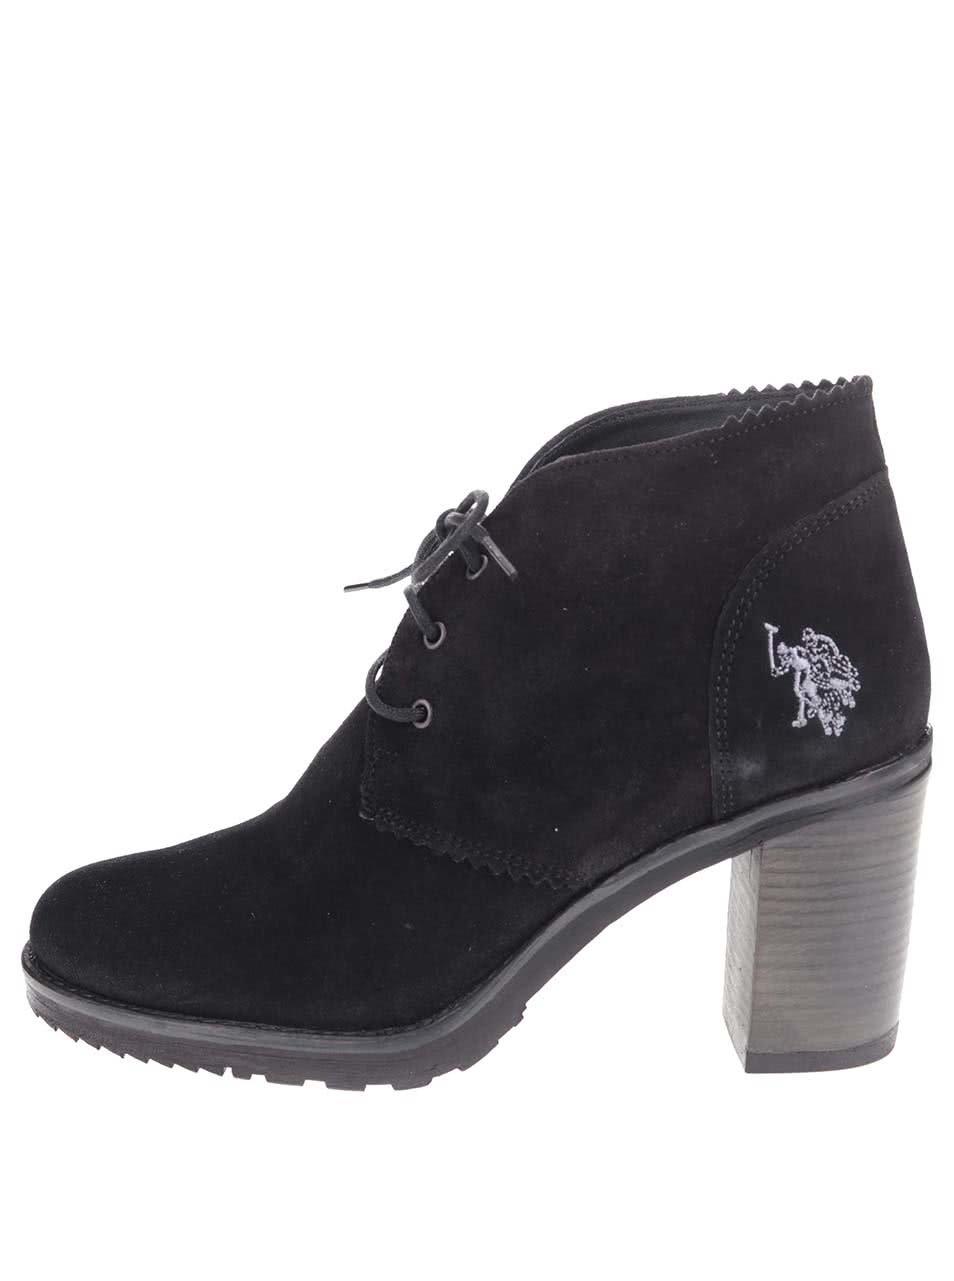 6828c4c21a7d Tmavomodré dámske kožené topánky na podpätku U.S. Polo Assn. Maruska ...